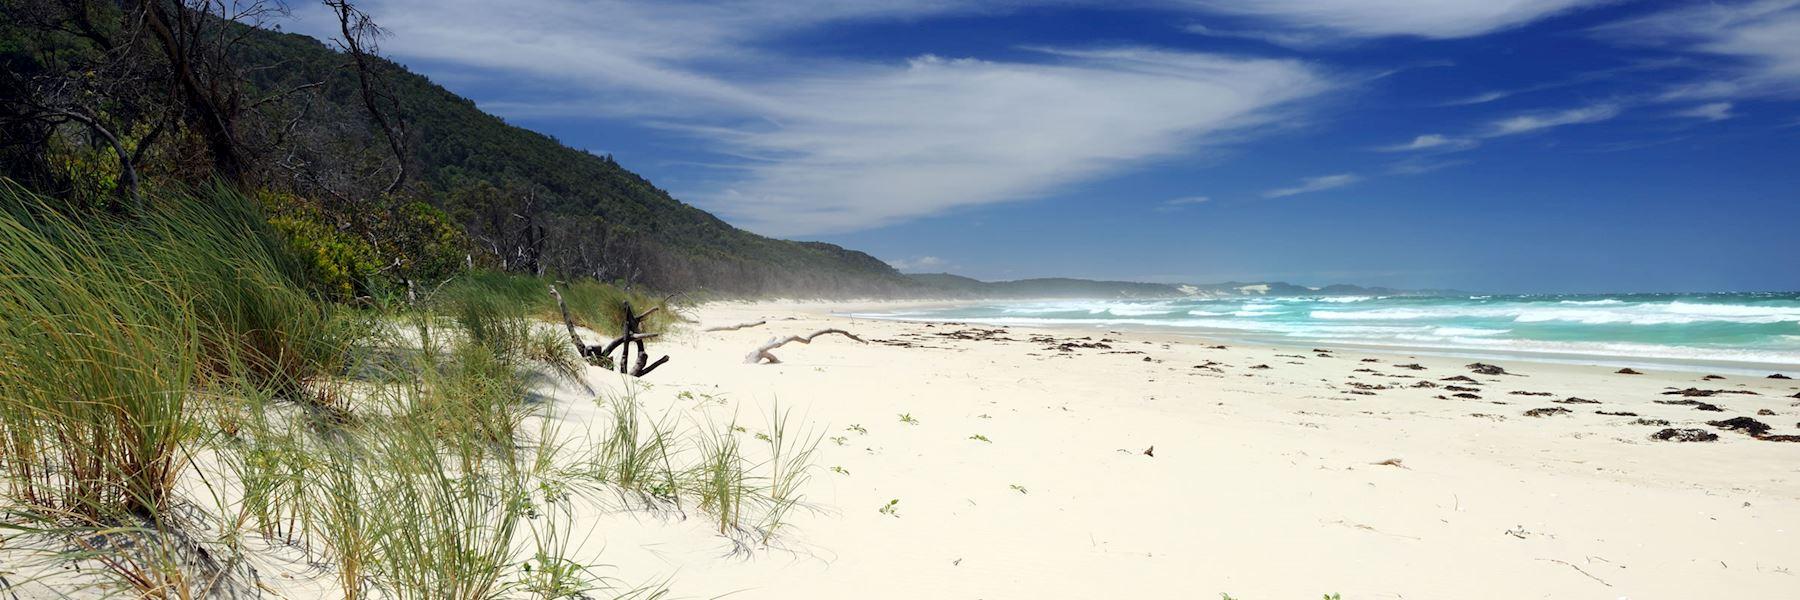 Visit Gipsy Point, Australia